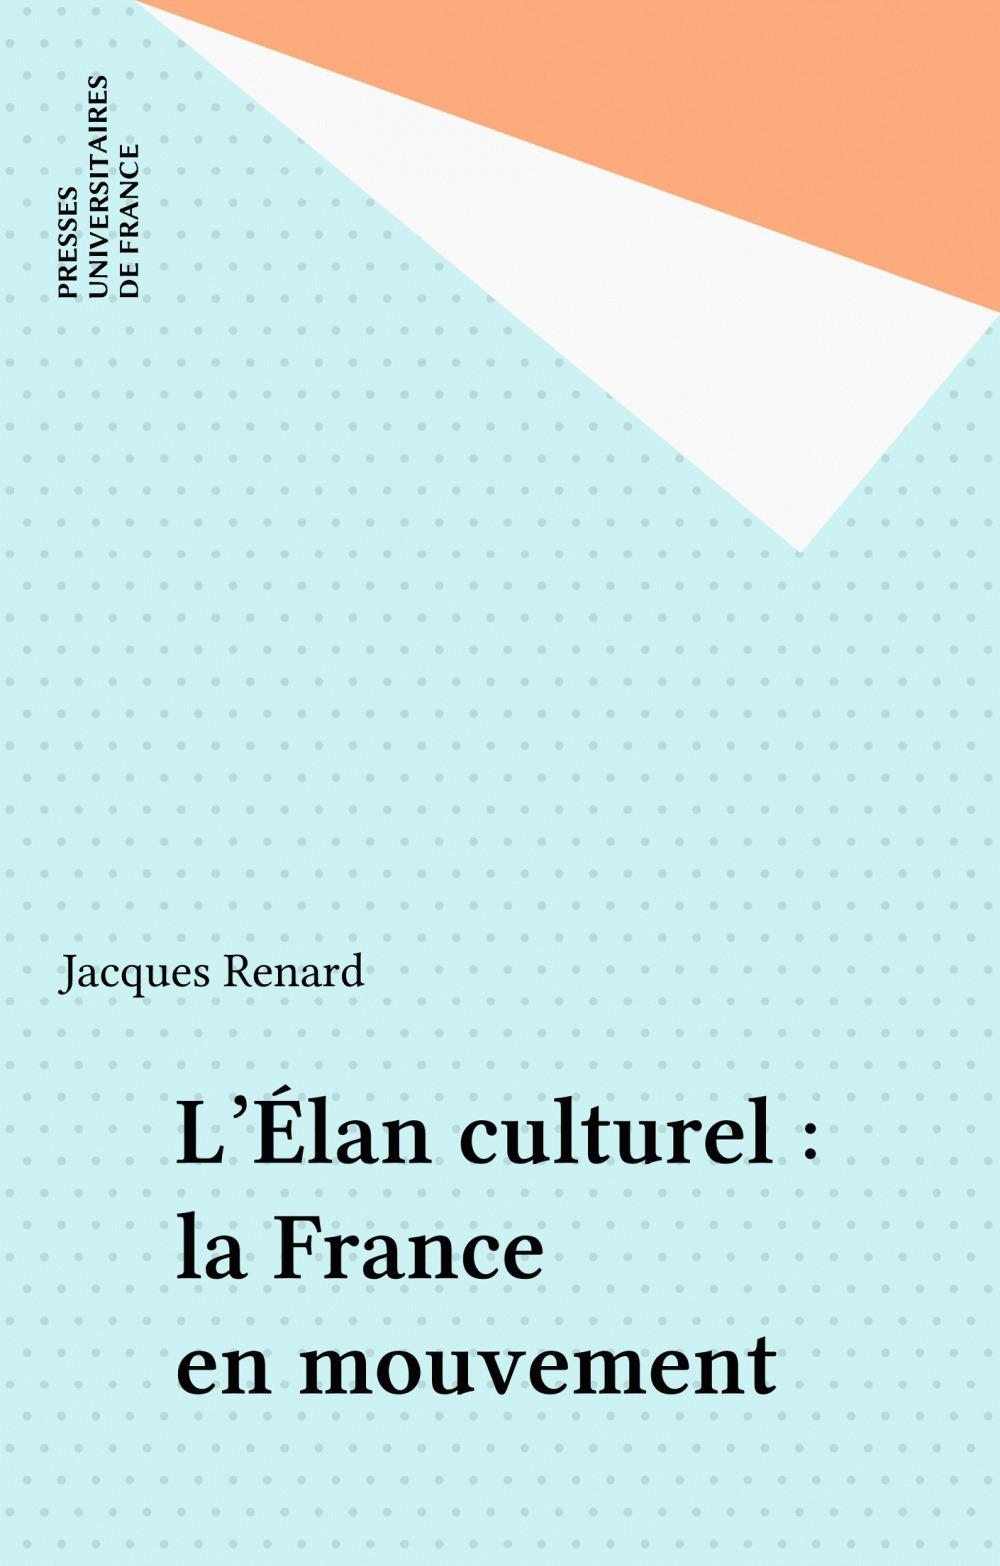 Jacques Renard L'Élan culturel : la France en mouvement